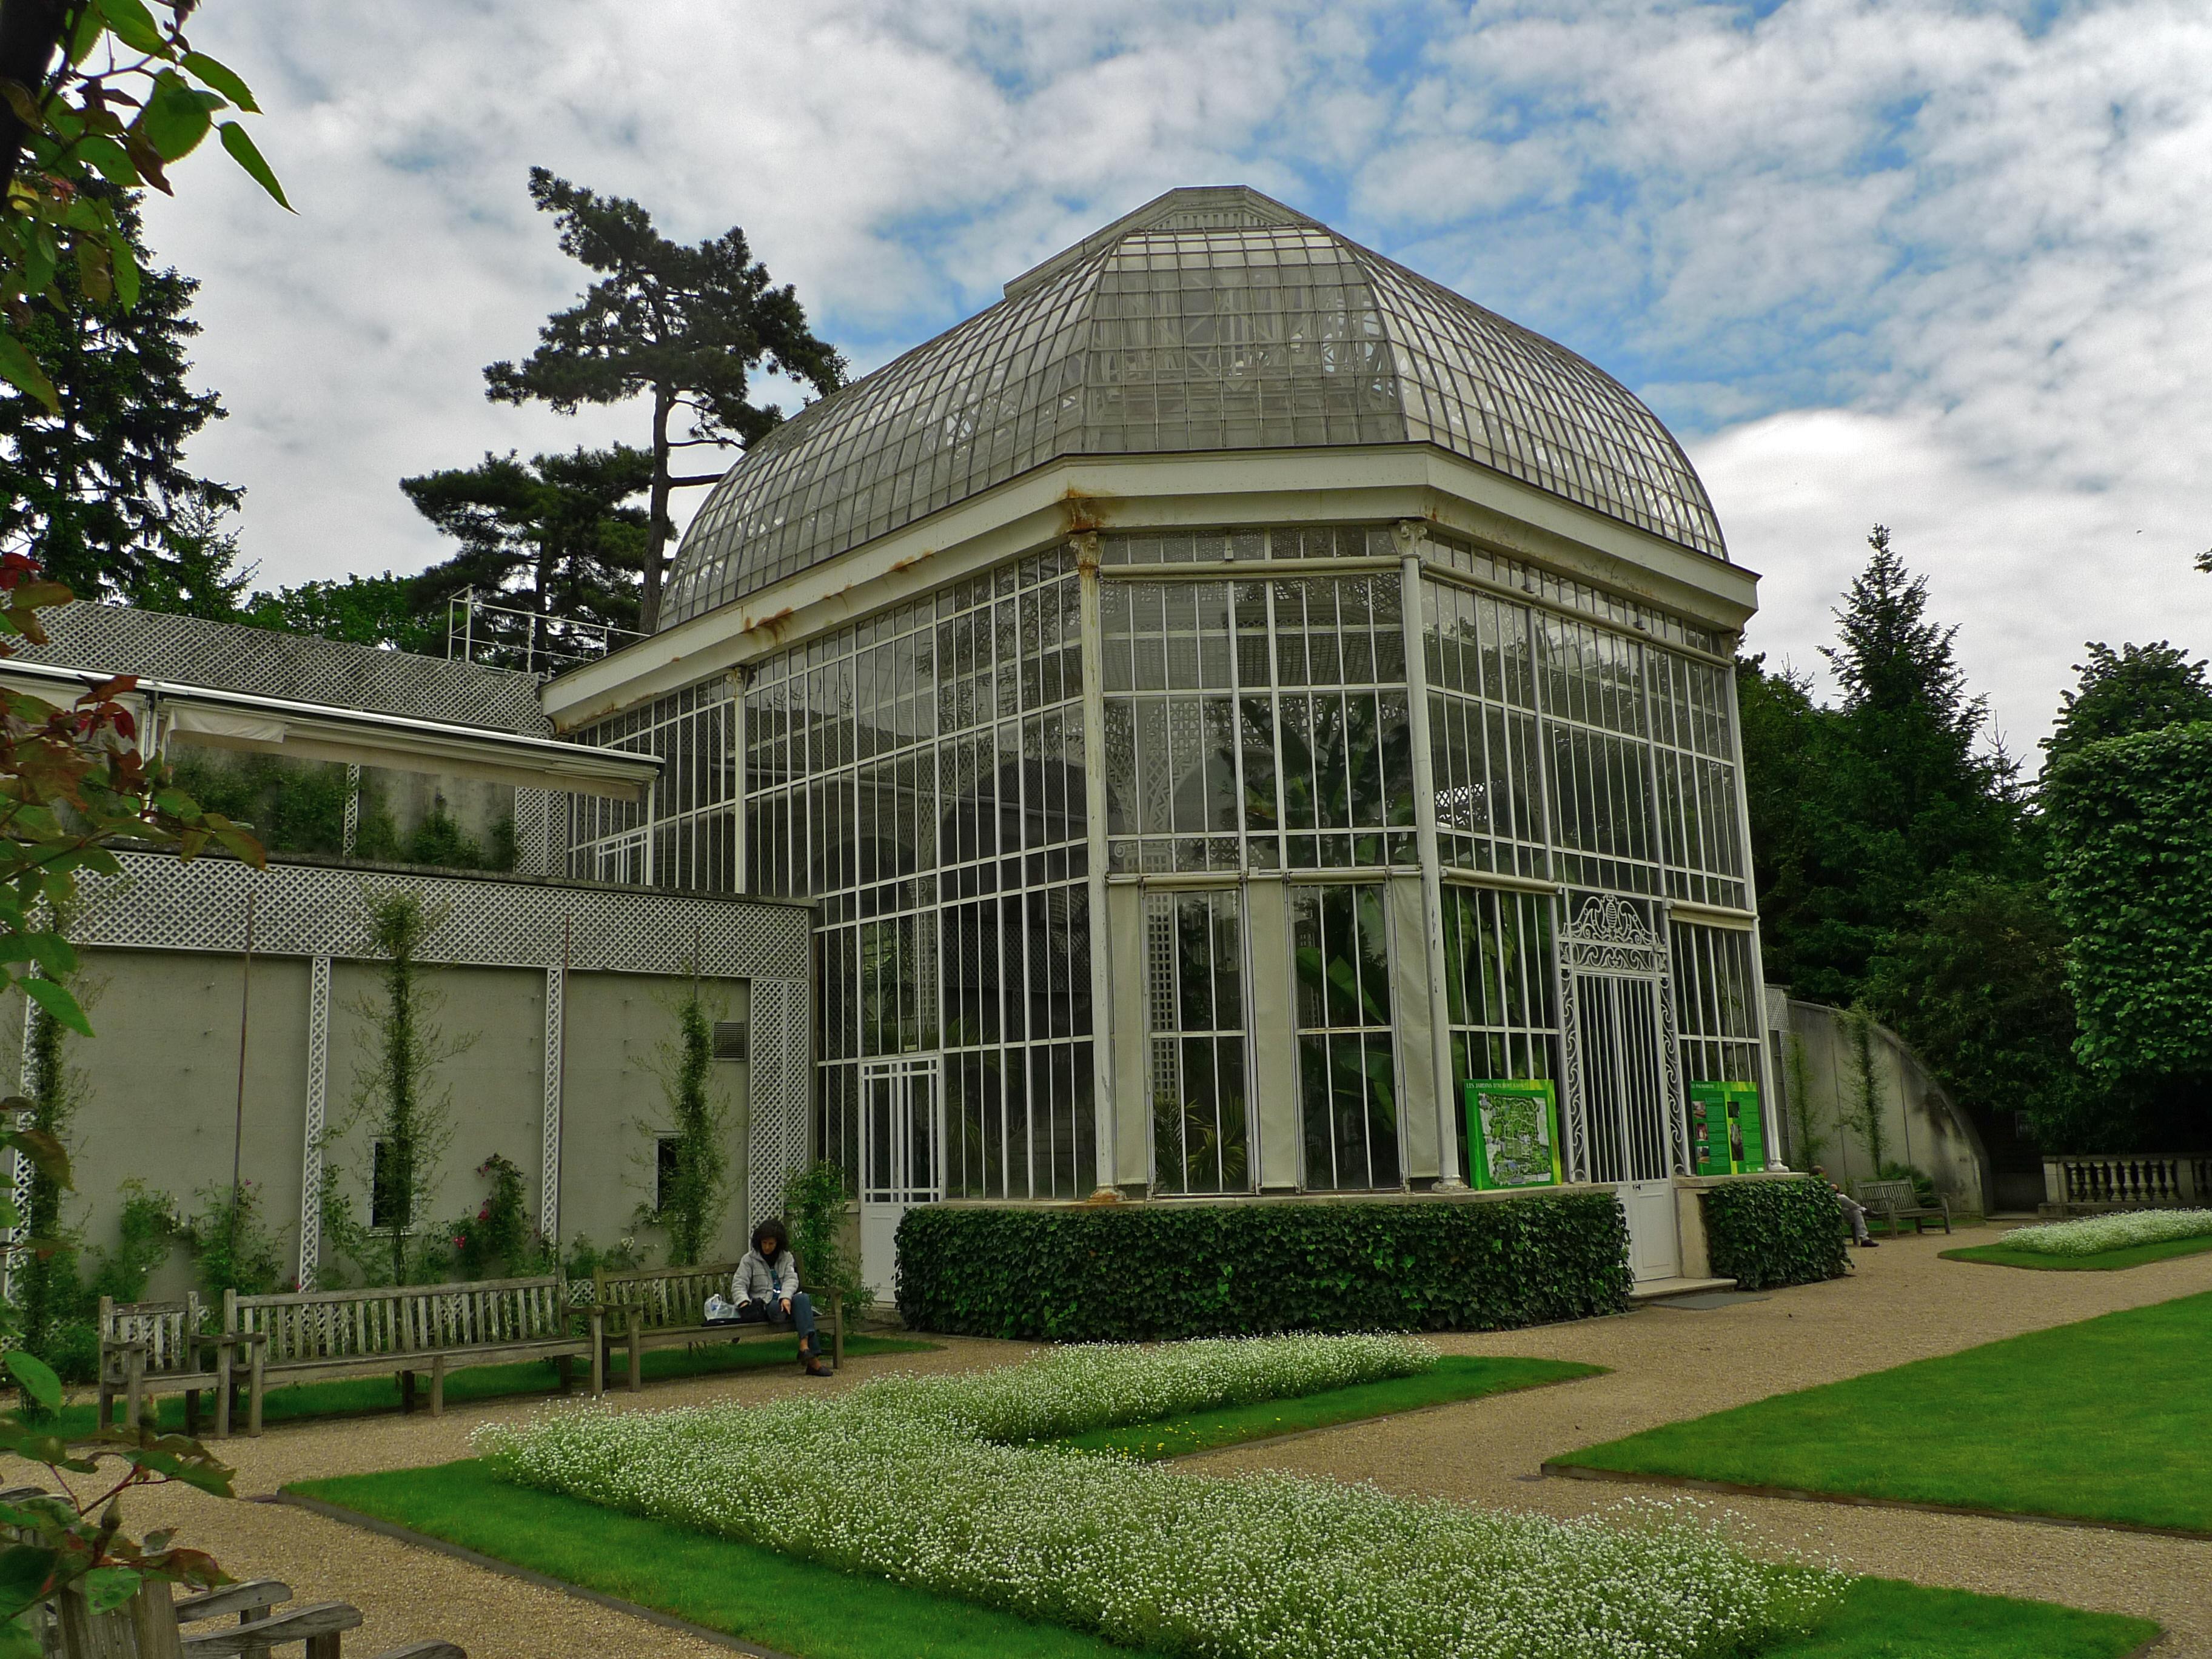 Albert Kahn Musee Et Jardins Boulognebillancourt 2020